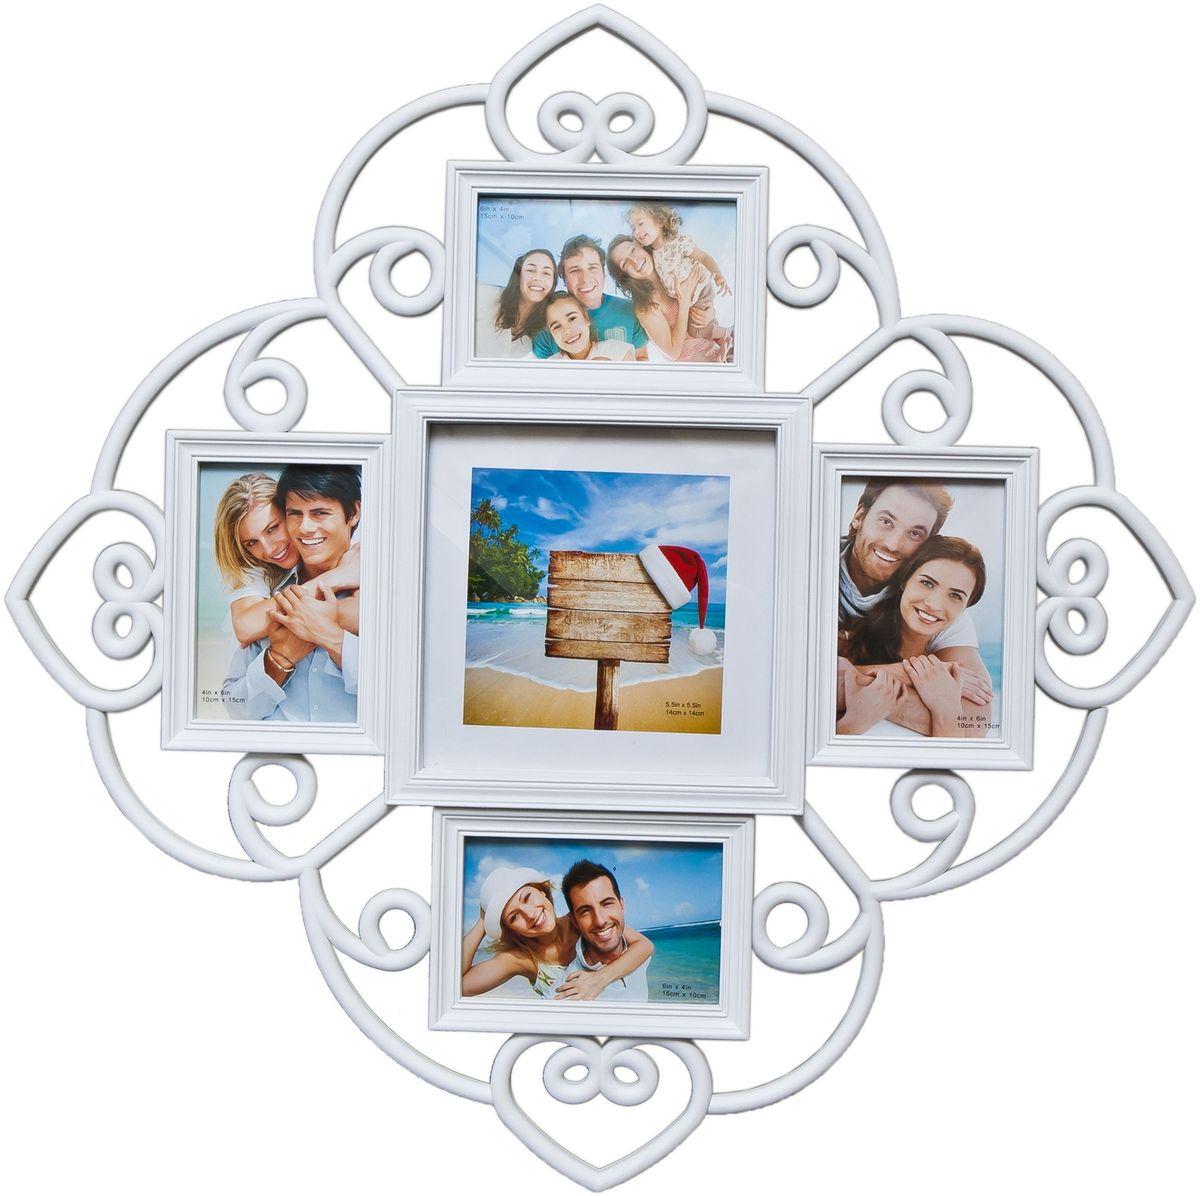 Фоторамка Platinum, цвет: белый, на 5 фото. BH-1405UP210DFФоторамка Platinum - прекрасный способ красиво оформить ваши фотографии. Фоторамка выполнена из пластика и защищена стеклом. Фоторамка-коллаж представляет собой пять фоторамок для фото разного размера оригинально соединенных между собой. Такая фоторамка поможет сохранить в памяти самые яркие моменты вашей жизни, а стильный дизайн сделает ее прекрасным дополнением интерьера комнаты. Фоторамка подходит для 4 фото 10 х 15 см и 1 фото 14 х 14 см.Общий размер фоторамки: 53 х 53 см.